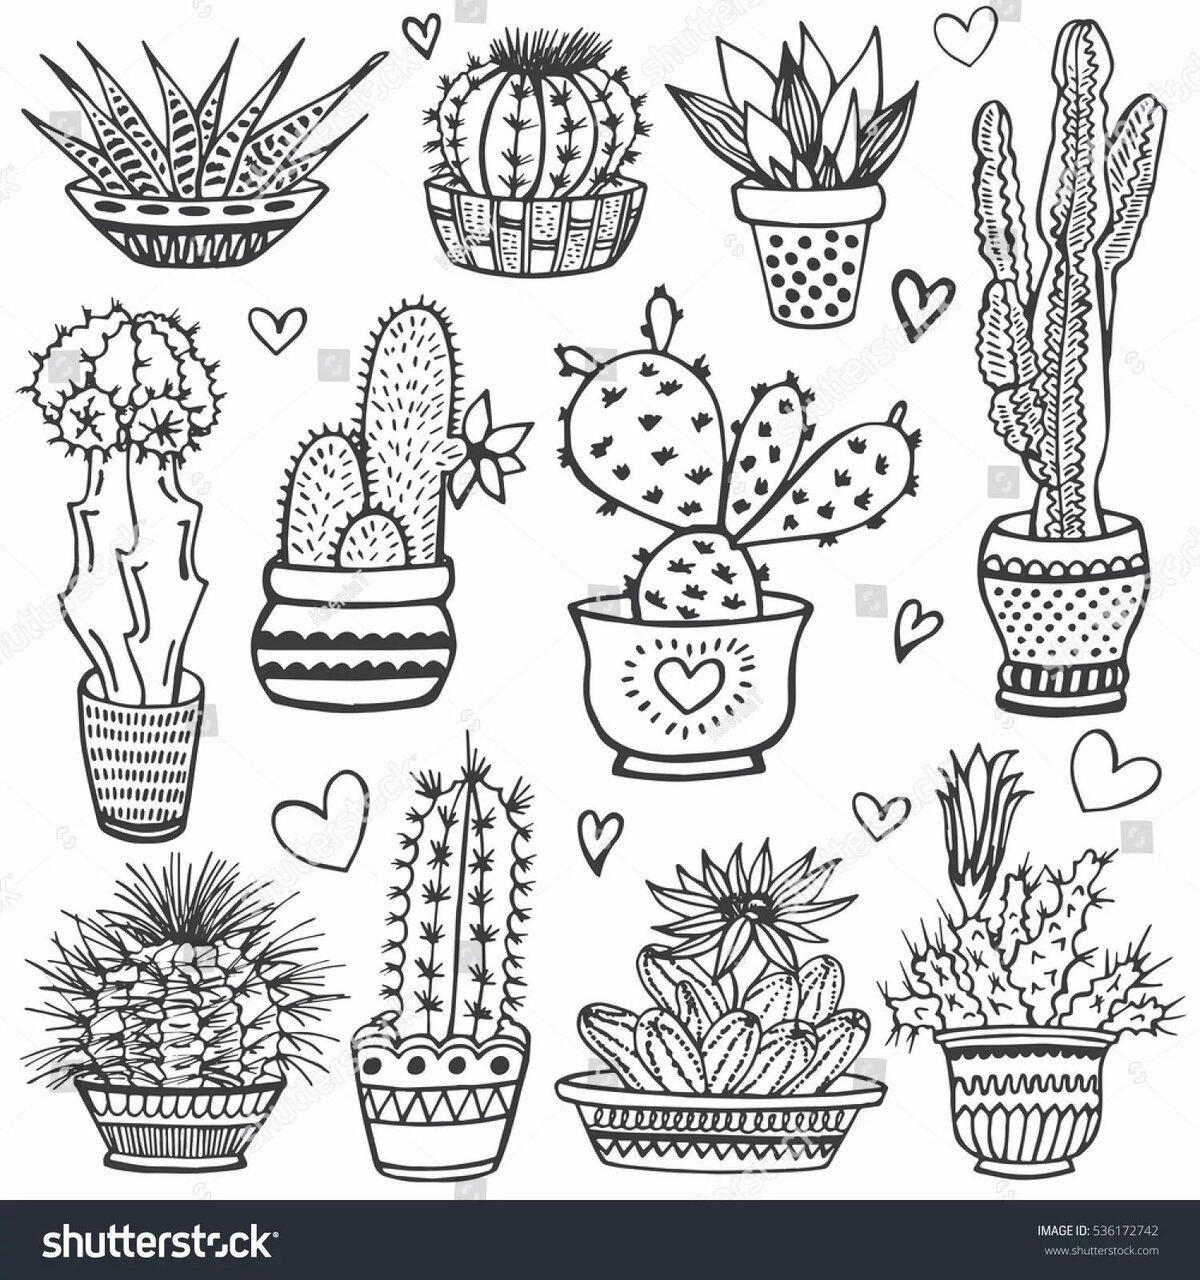 турецкий милые картинки кактусов черно белые тетя жалеет, что